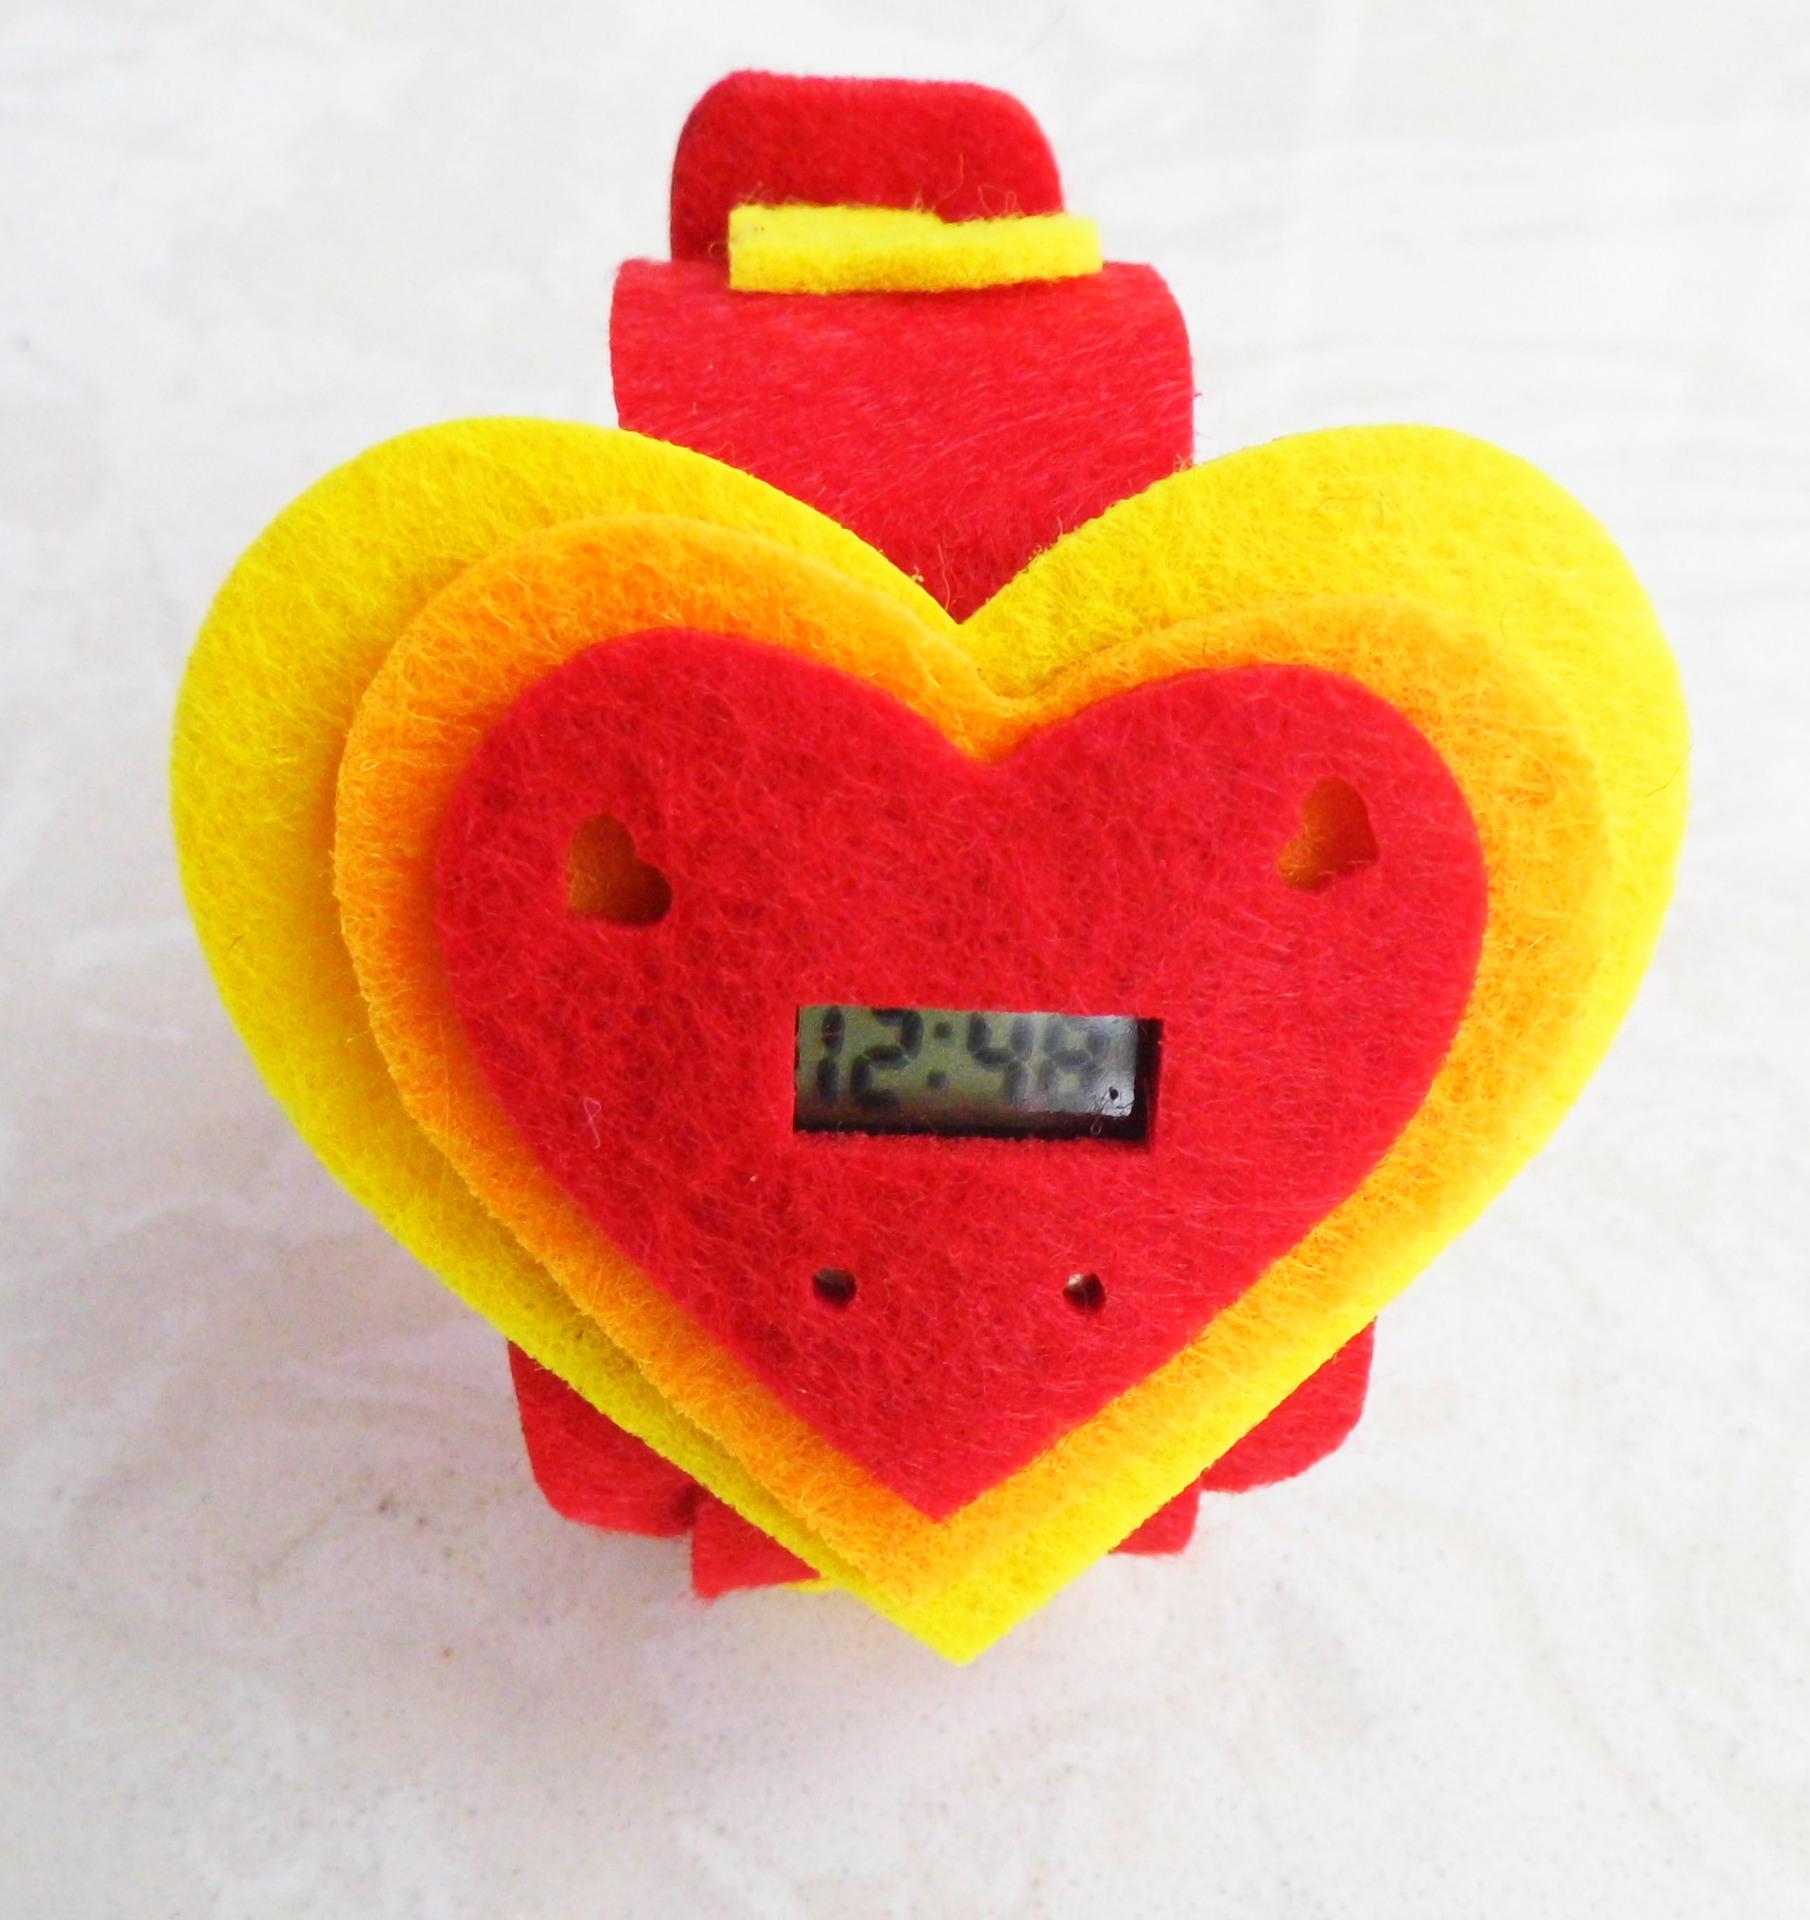 广告促销品心形情侣电子手表定做哦学生爱心数字七夕手表批发